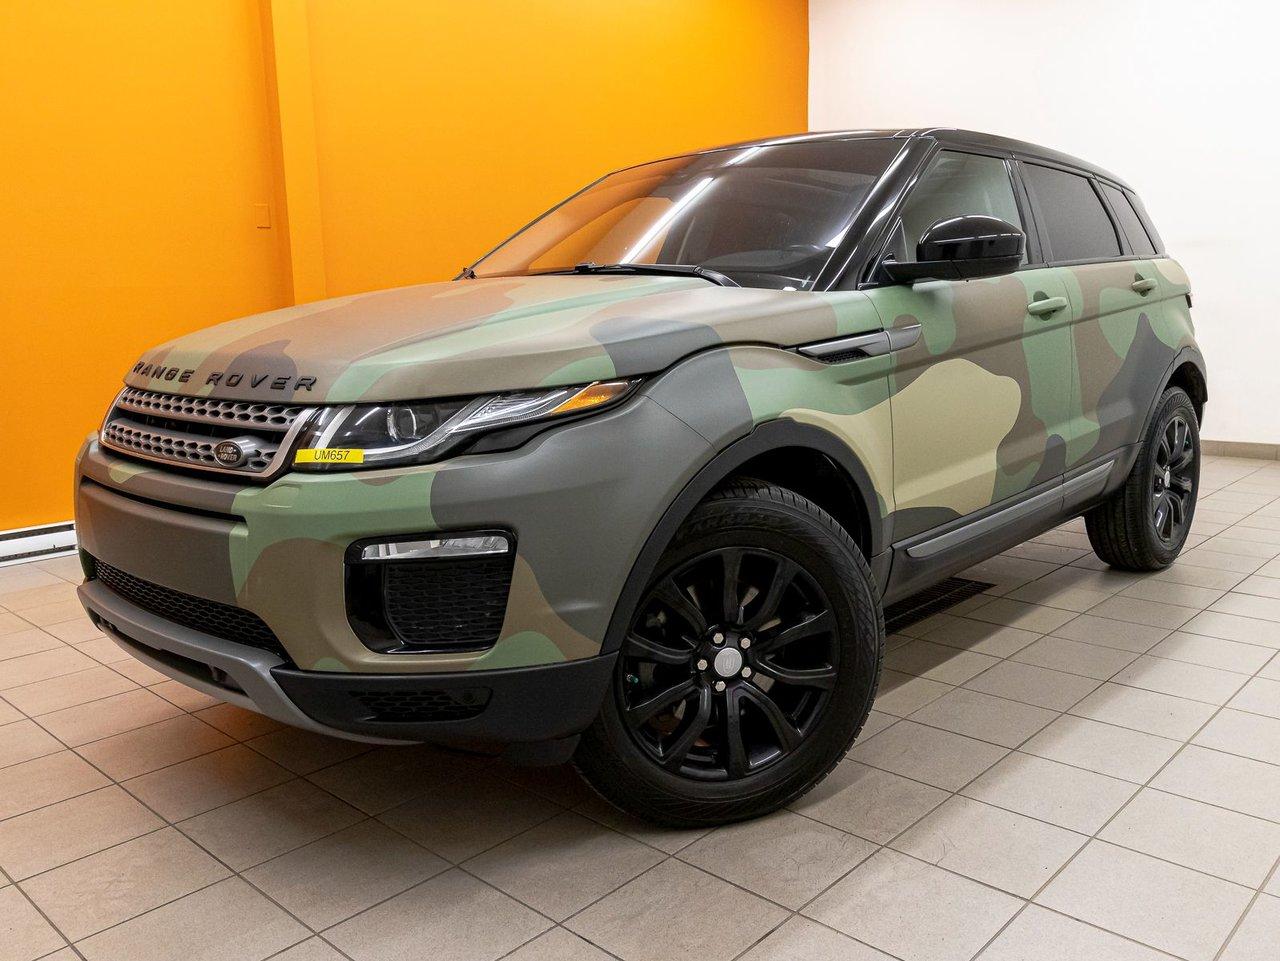 Land Rover Range Rover Evoque 2018 AWD CUIR NAV HAYON ÉLECT SIÈGES CHAUFF *TOIT